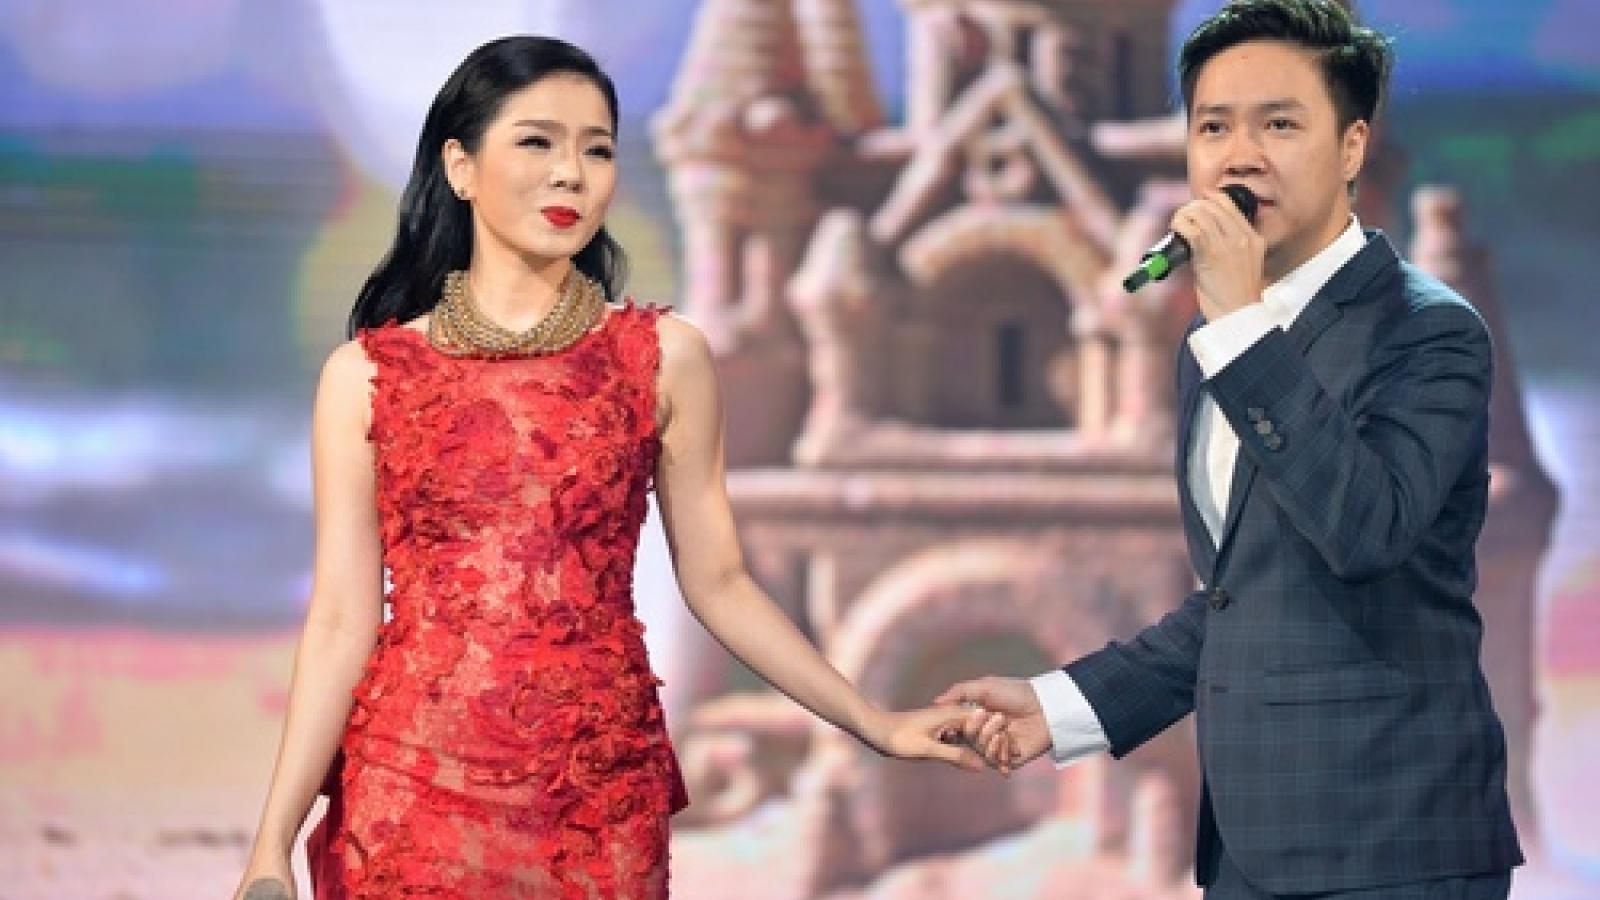 """Lệ Quyên góp giọng trong show""""Người tình"""" cùngJimmii Nguyễn, Lê Hiếu"""